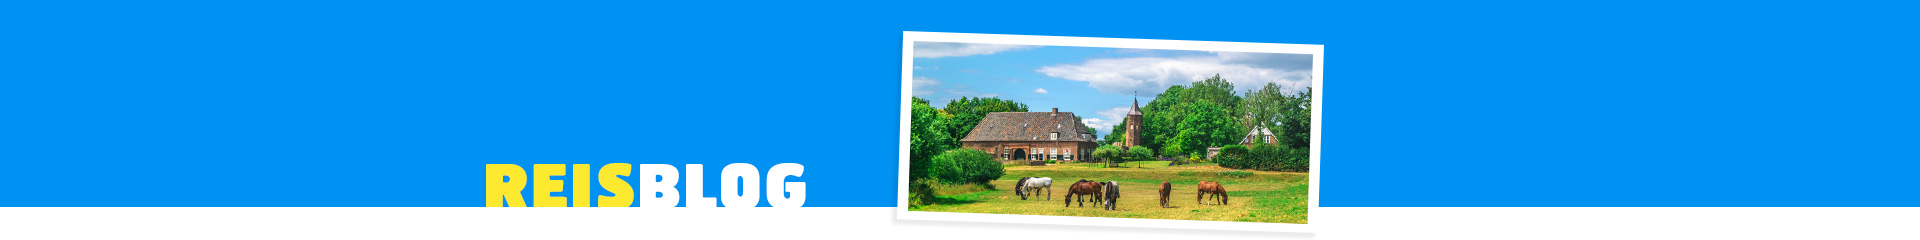 5 bezienswaardigheden van buurprovincie Gelderland